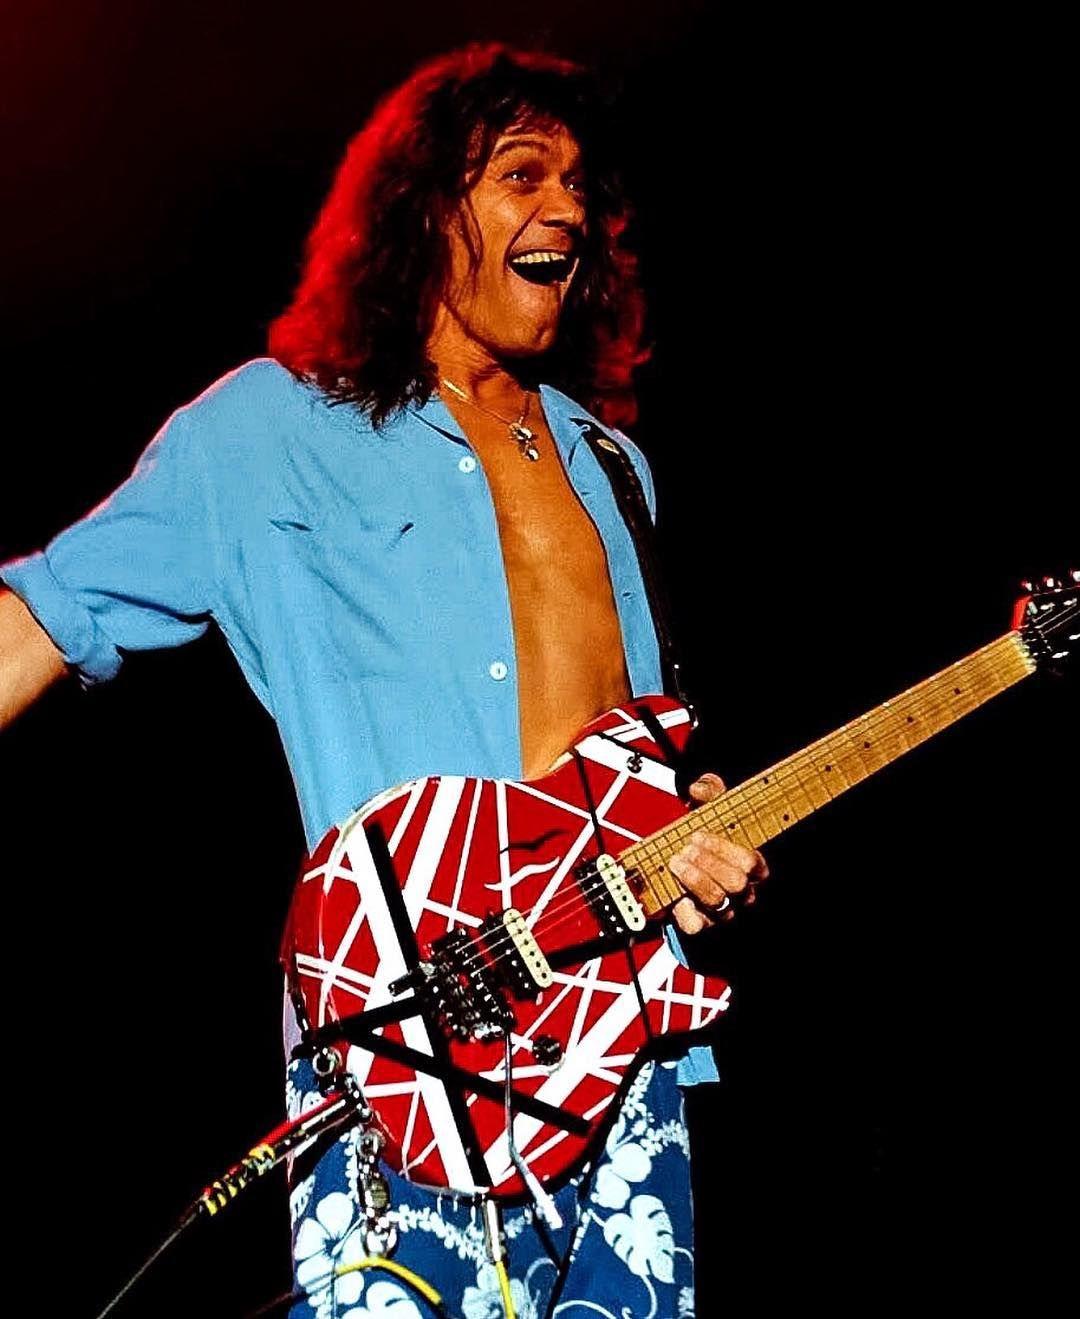 Eddie Van Halen S Channel On Instagram 5 1 5 0 Evh Vanhalen Edwardvanhalen Eddievanhalen Guitarlegend Guitargod G Van Halen Eddie Van Halen Solo